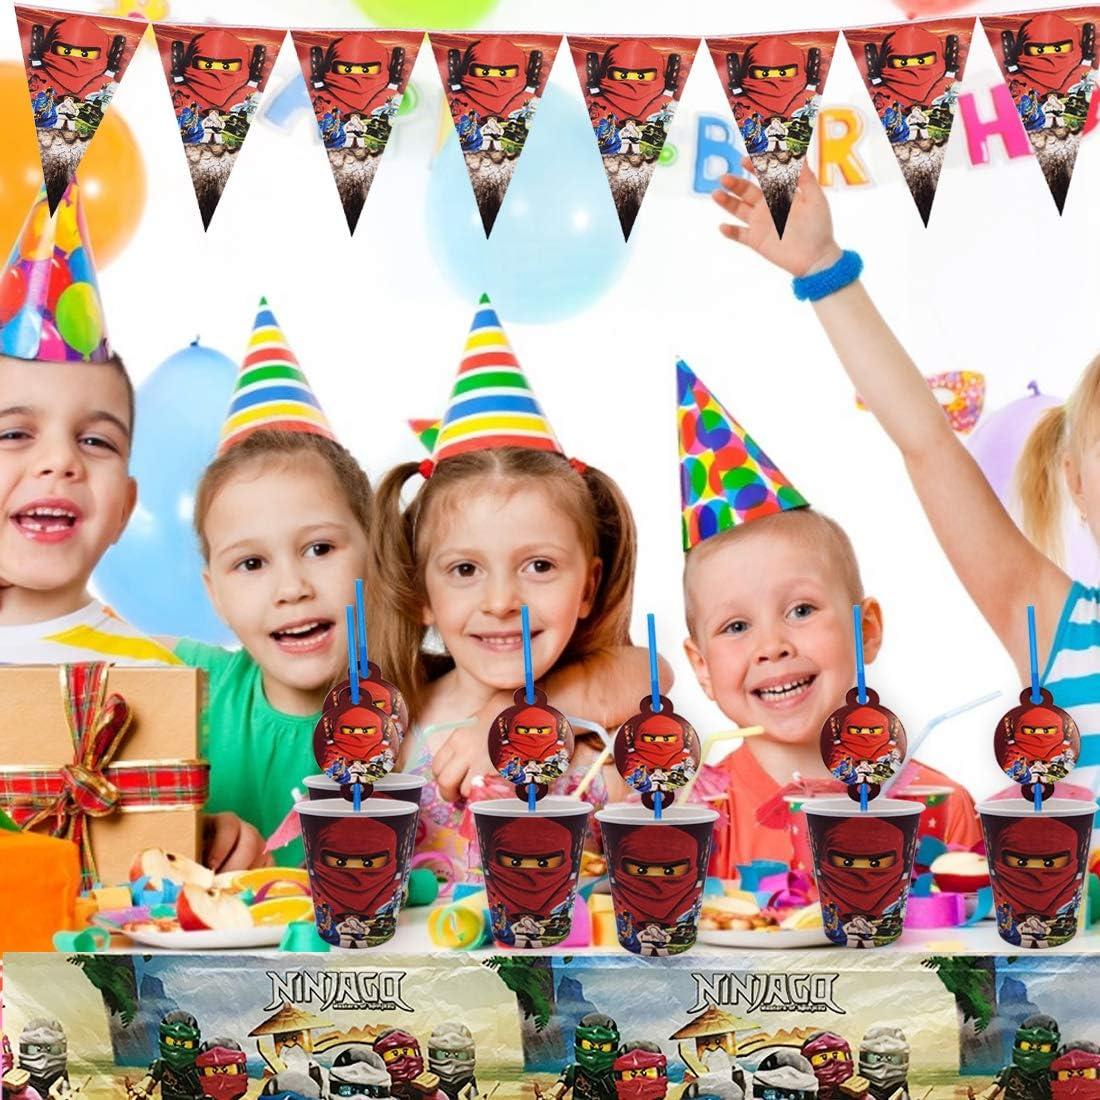 62-teilig Banner Teller Ninja Party Supplies Party-Geschirr-Set inkl Gabeln und Tischdecke Ninja Party Supplies Tassen Servietten